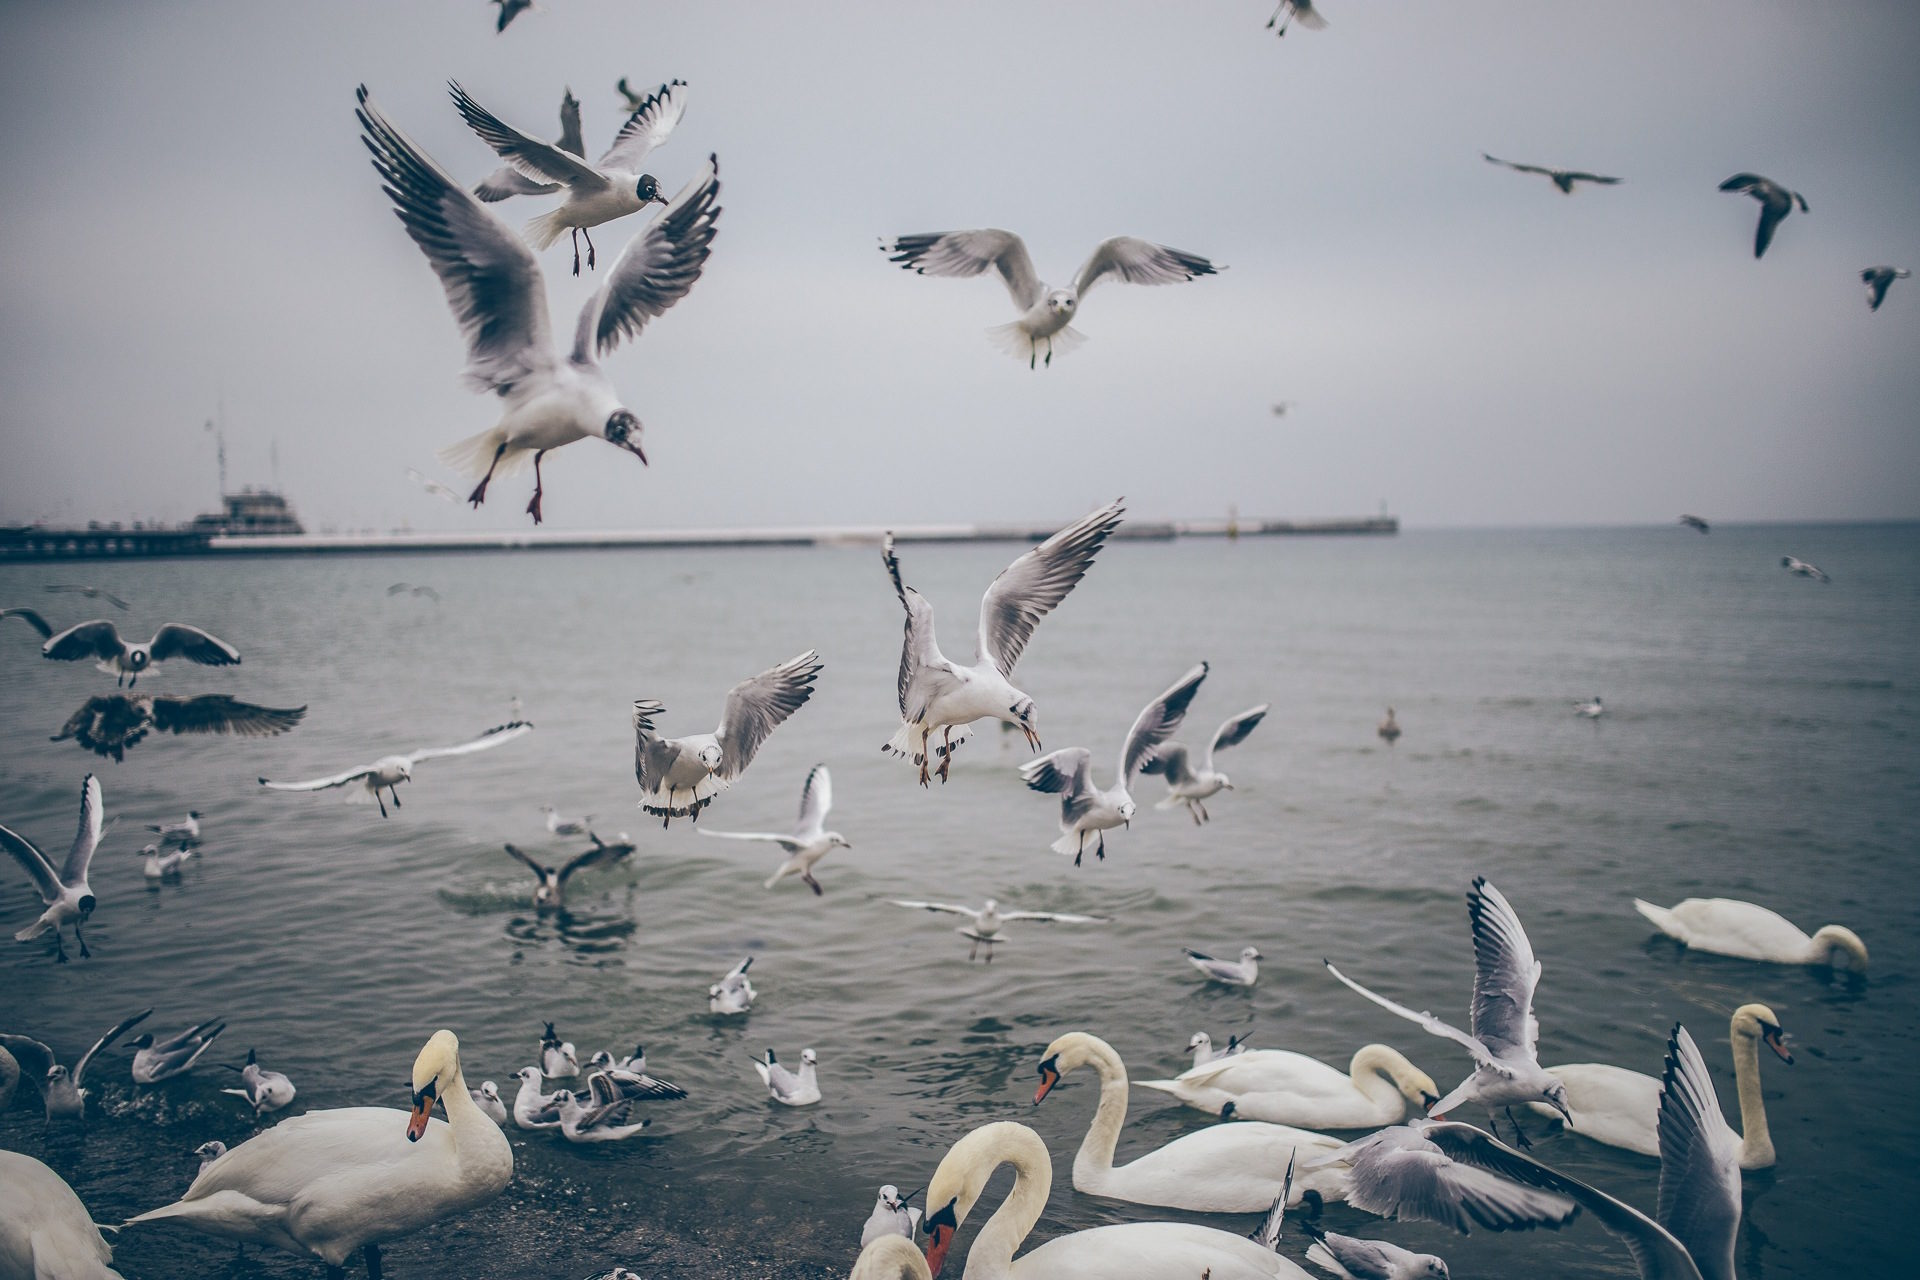 oiseaux, Cygnes, mouettes, eau, survie - Fonds d'écran HD - Professor-falken.com